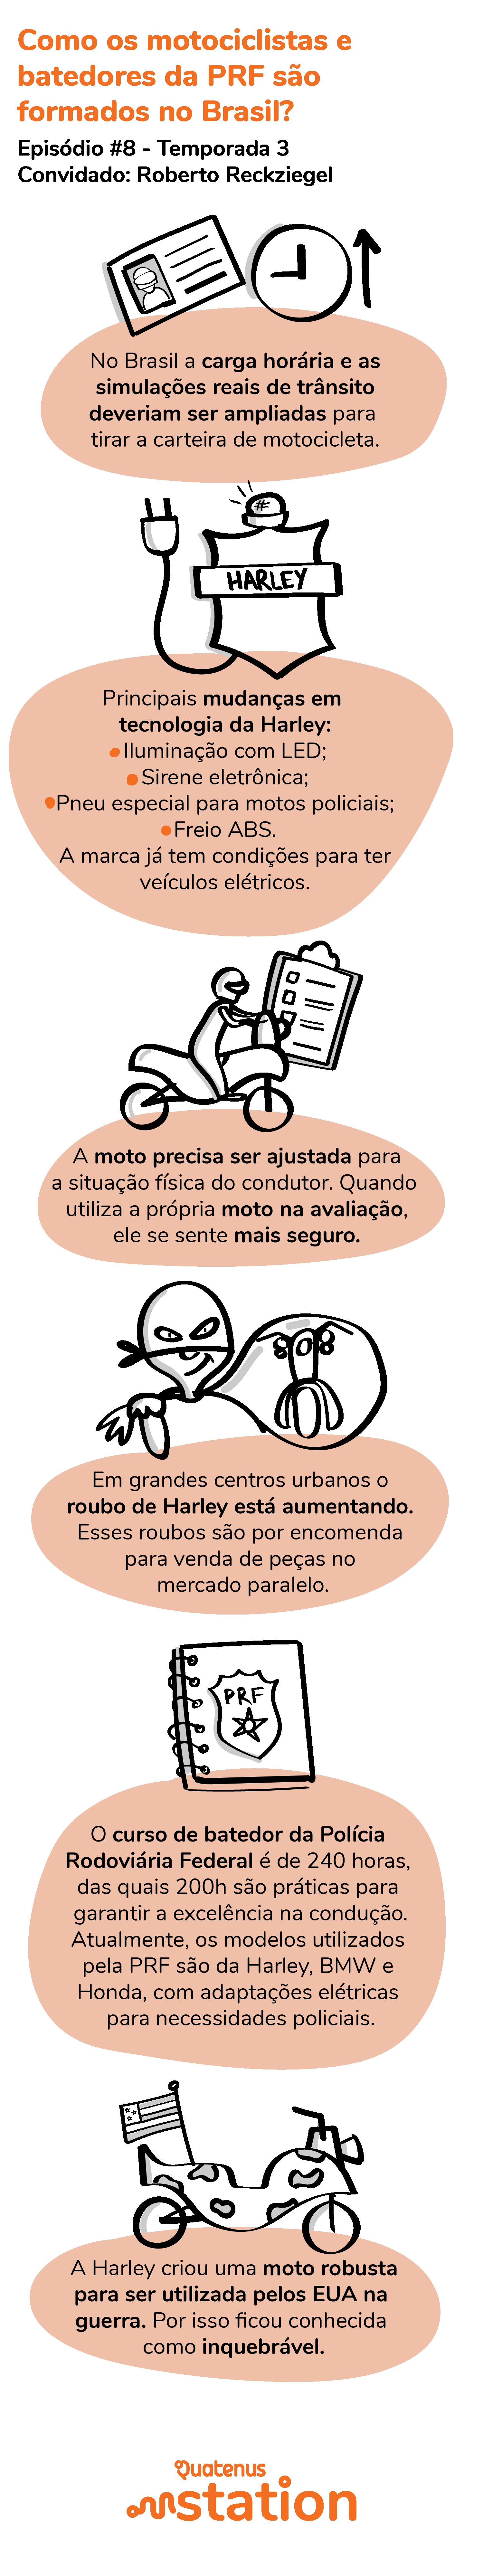 visual thinking - formação motociclistas